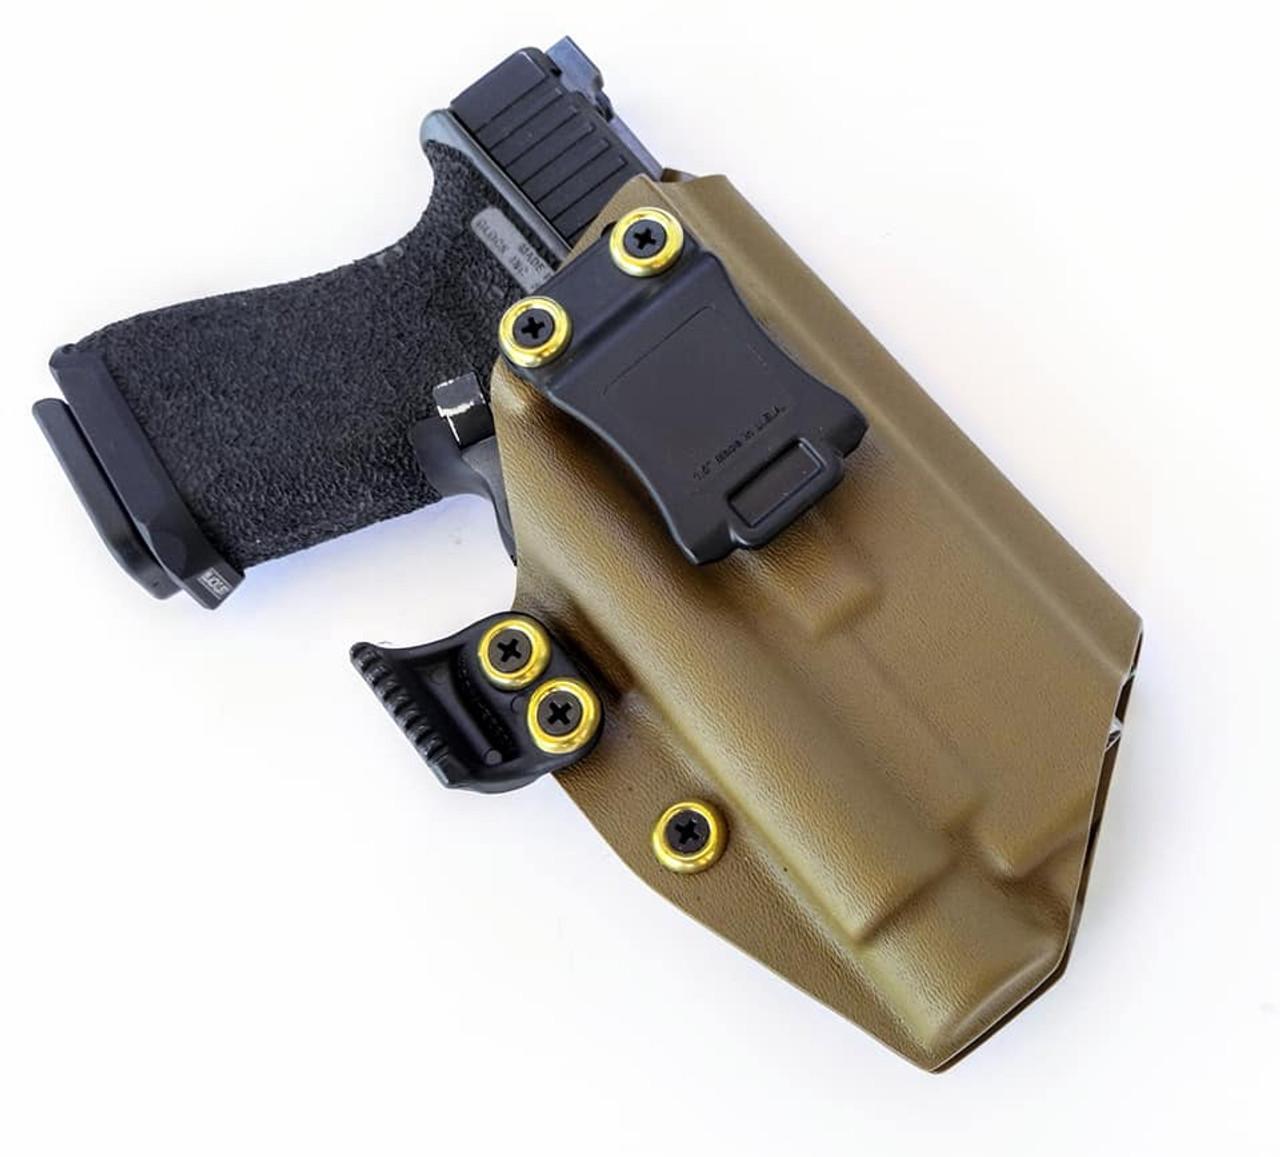 Glock 19 OLight PL Valkyrie 2 Holster